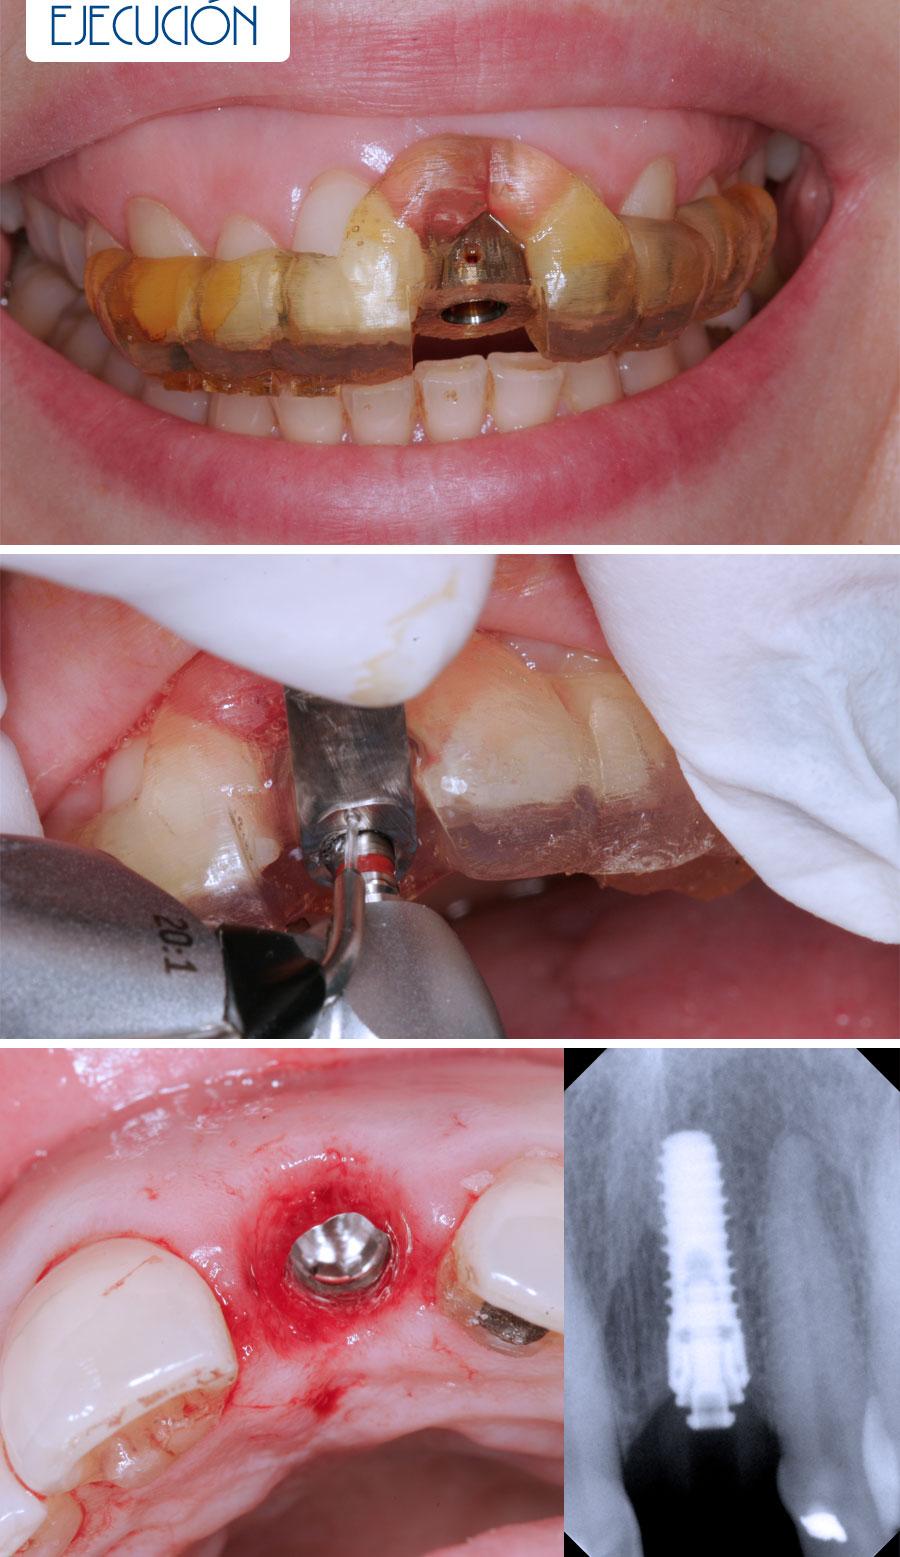 Ejecución - Sonrisa gingival más cirugía sin colgajo